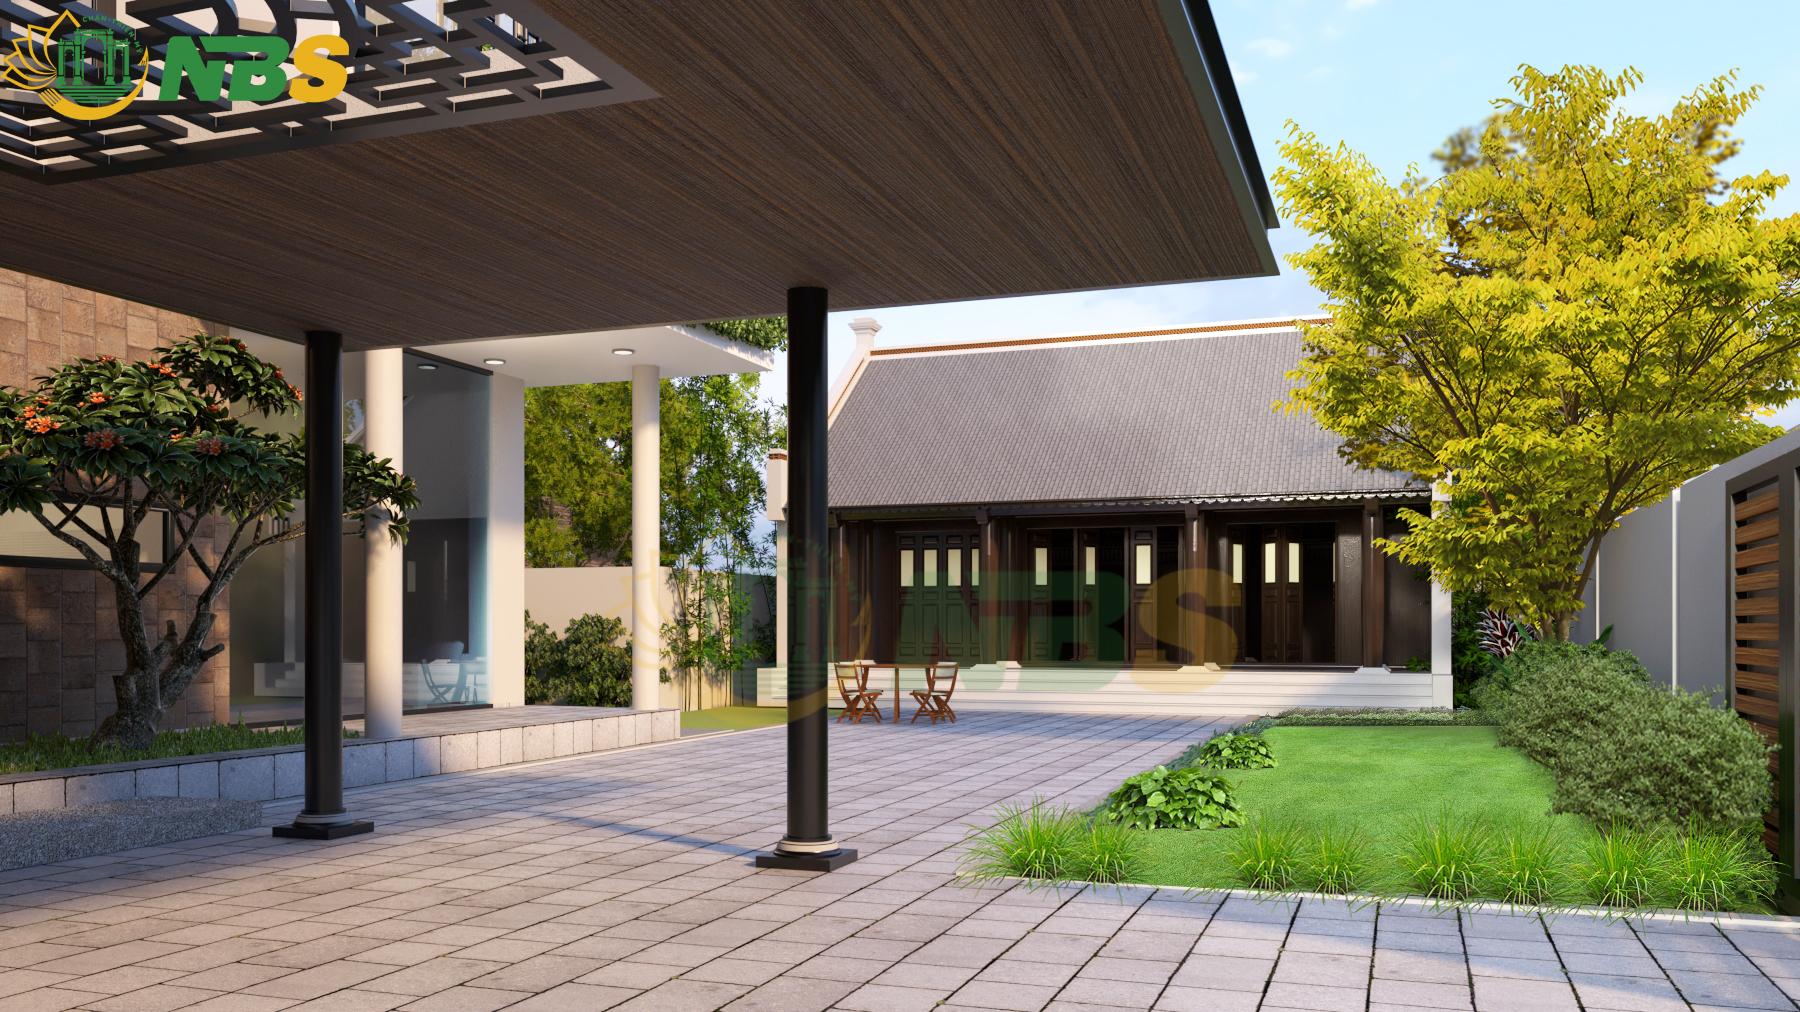 Dự án thiết kế nhà thờ gia tiên và nhà chính